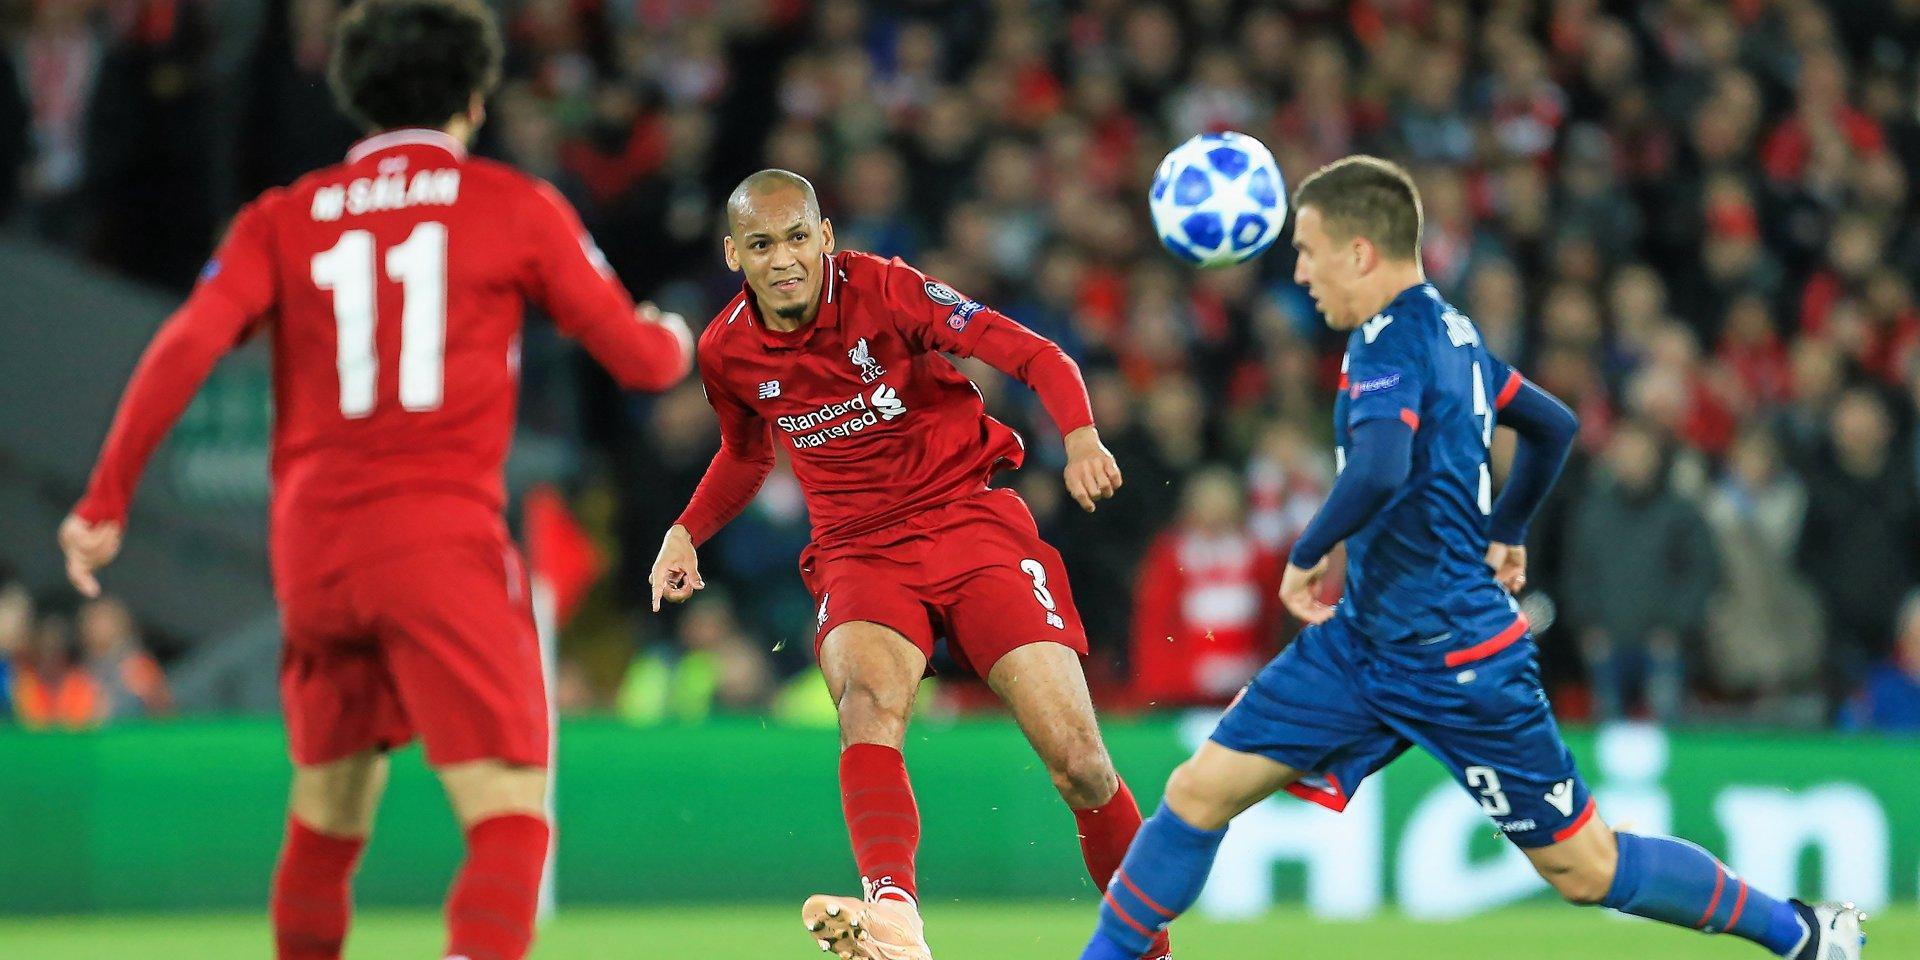 PSG gia nhập cuộc đua giải cứu 'bom xịt' của Liverpool - Bóng Đá